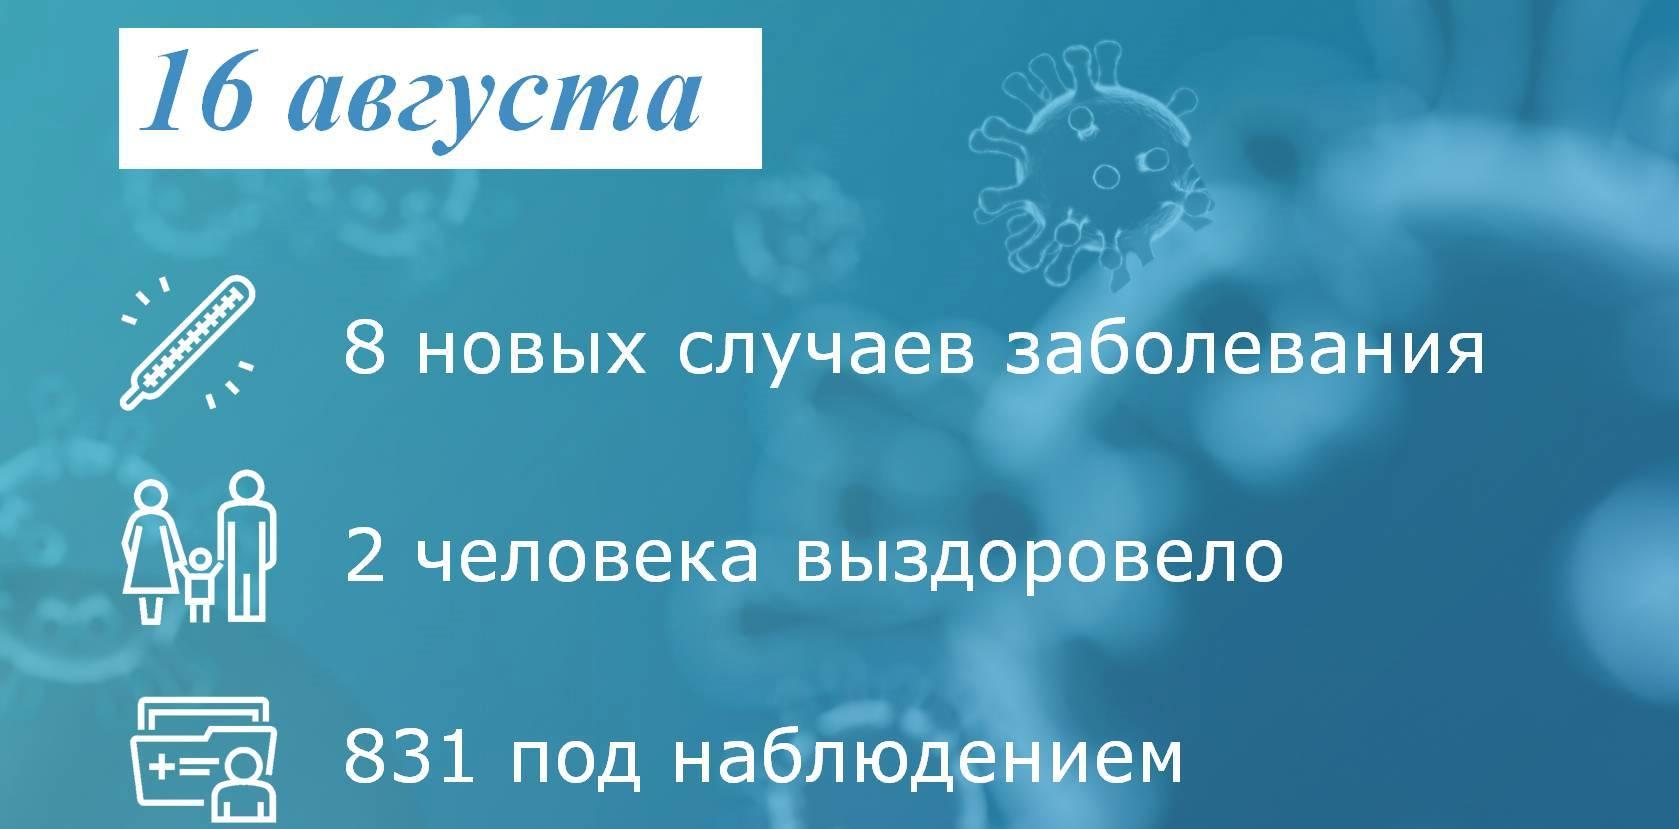 Коронавирус: в Таганроге заболели 8 человек